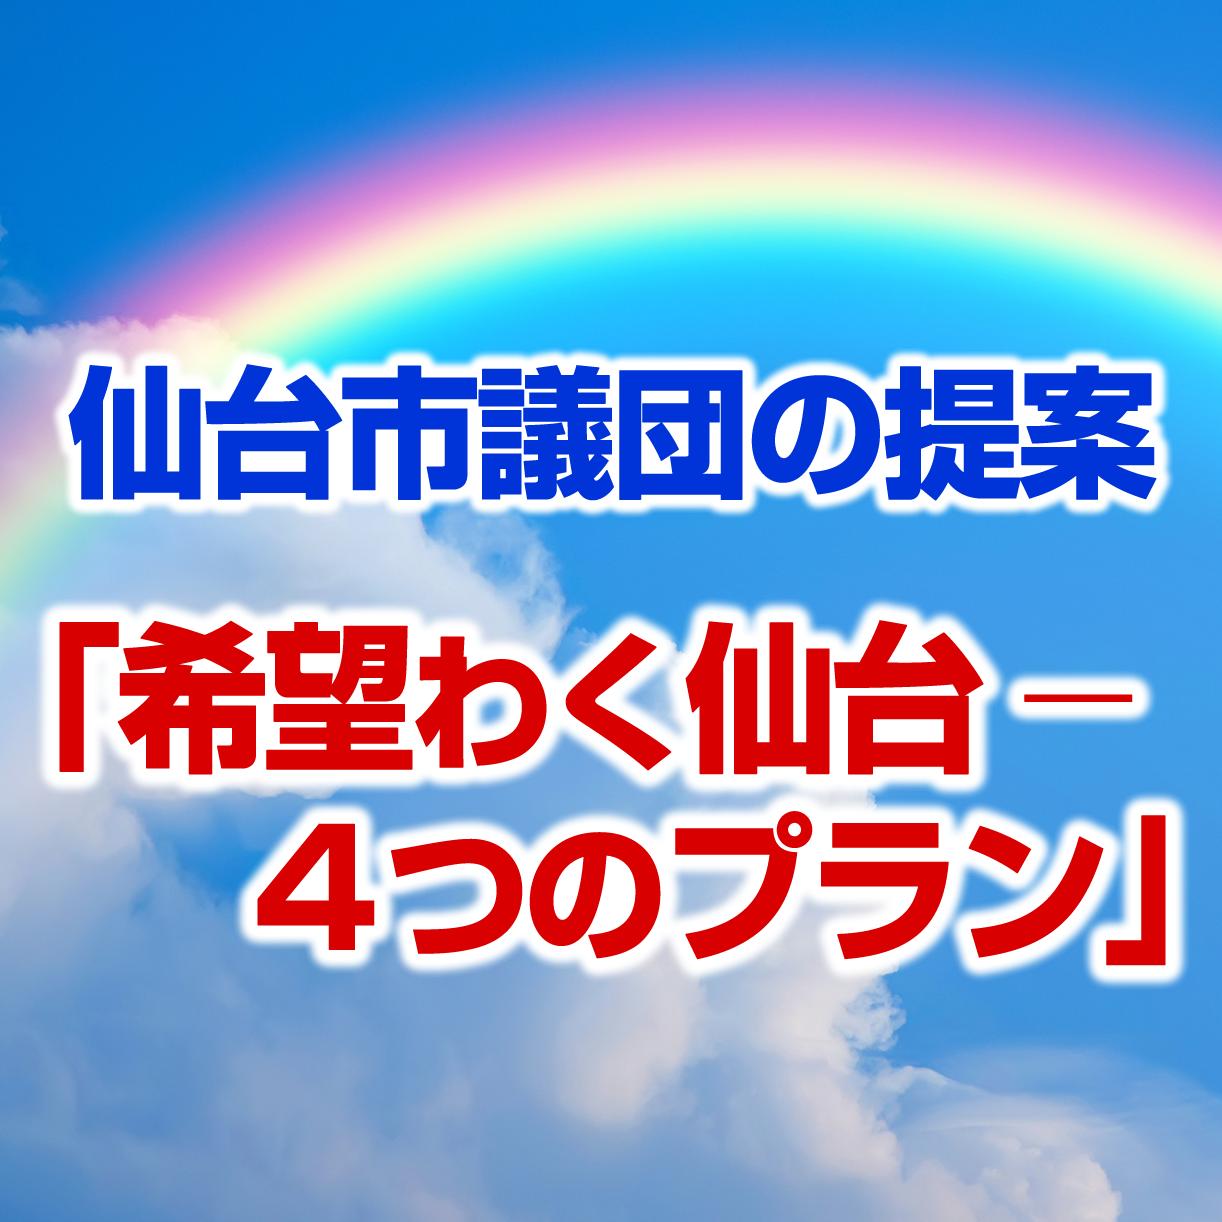 仙台市議団の提案「希望わく仙台―4つのプラン」